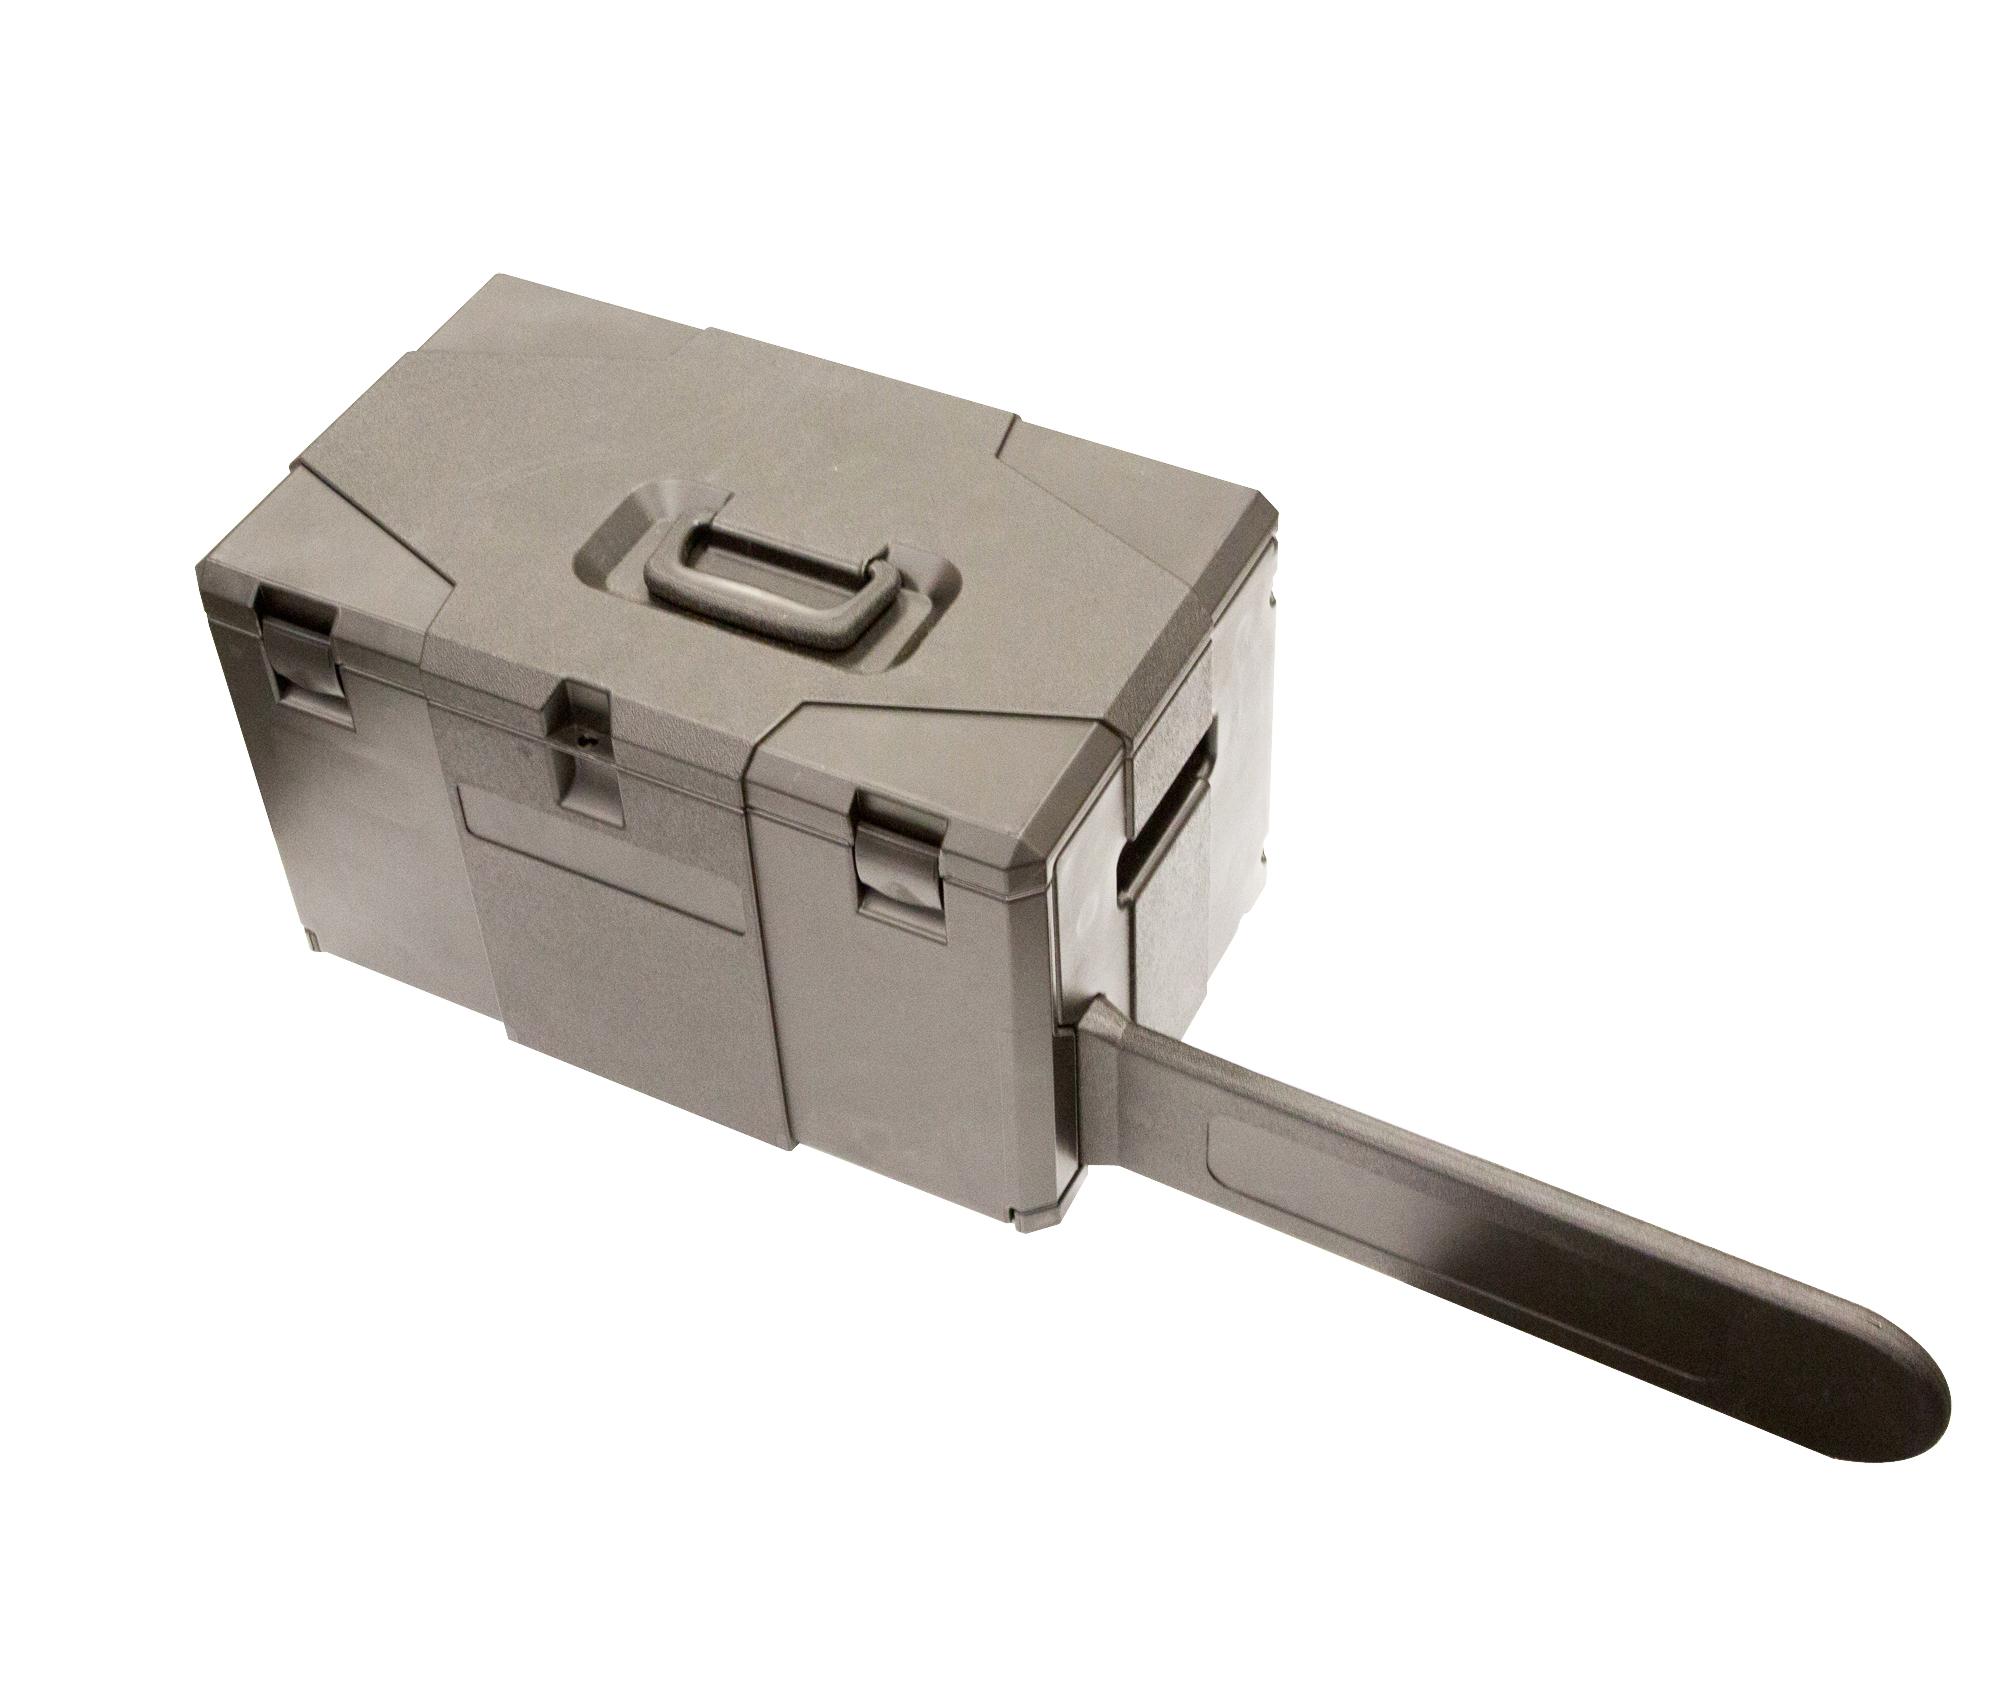 Powerking Universal Chainsaw Case - Cscau In Usa Lawn & Garden Outdoor Power